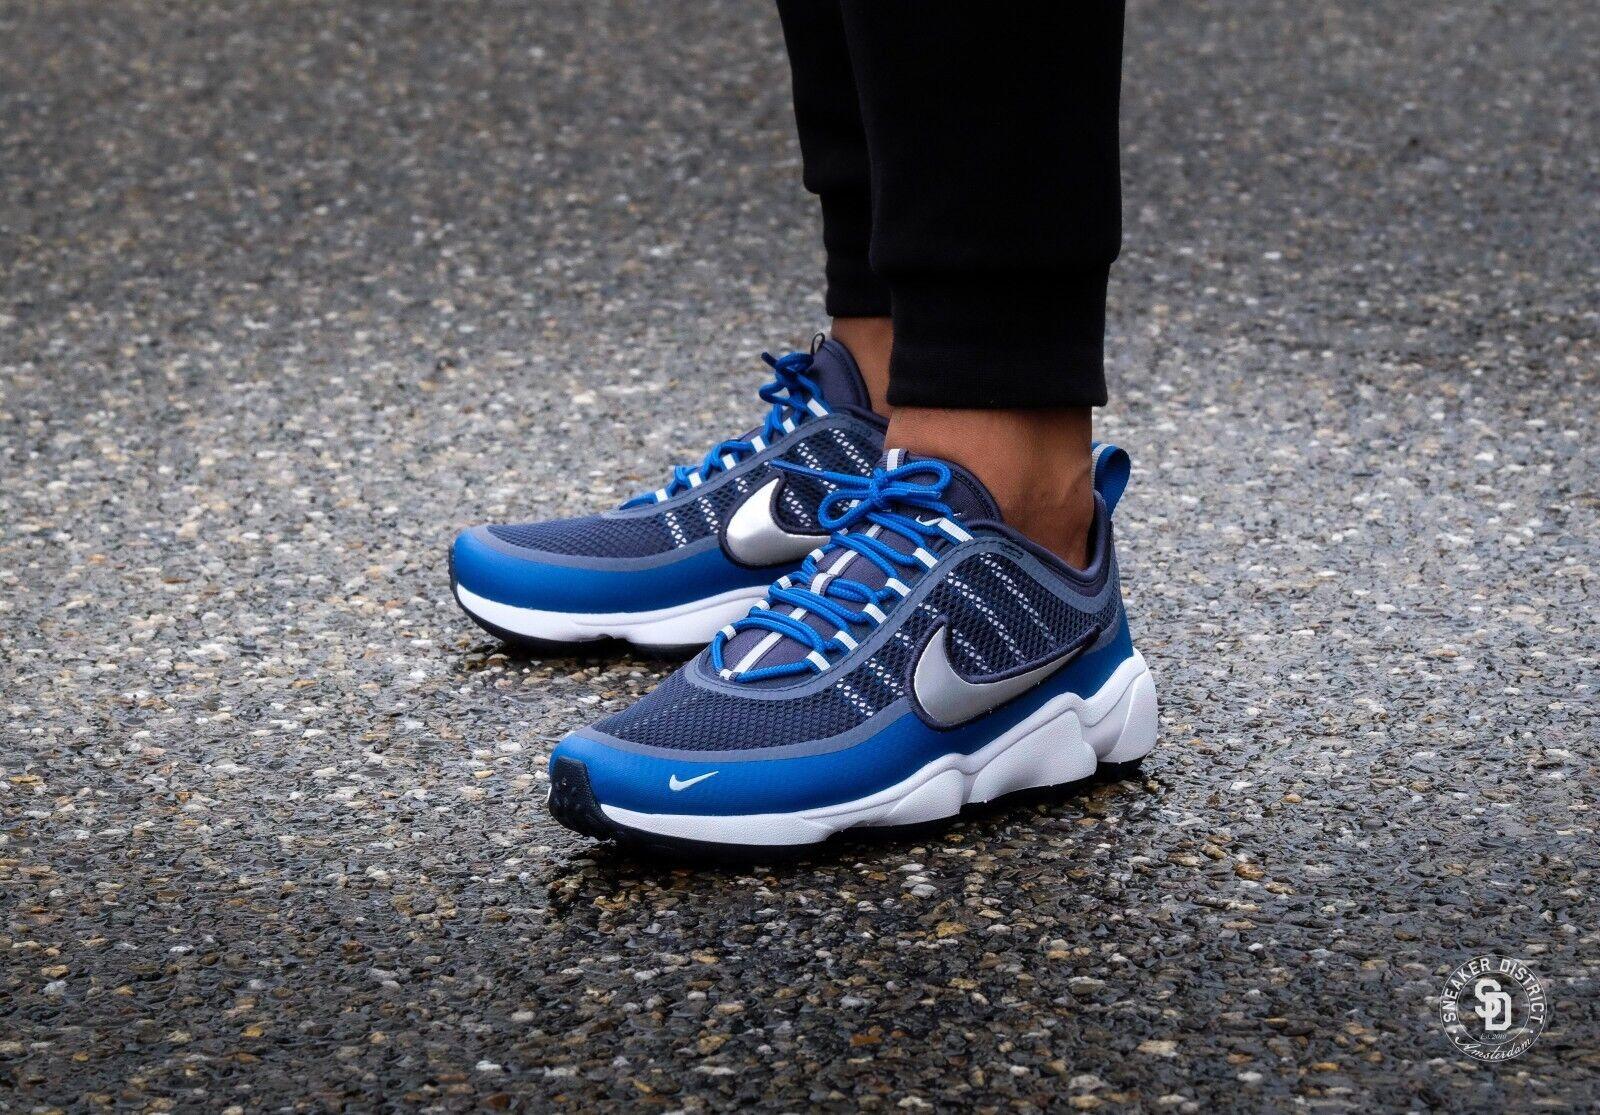 Hombre Nike Zoom Spiridon Arsenal Azul 876267401 Metálico Platino Tamaños 711 876267401 Azul c32e80